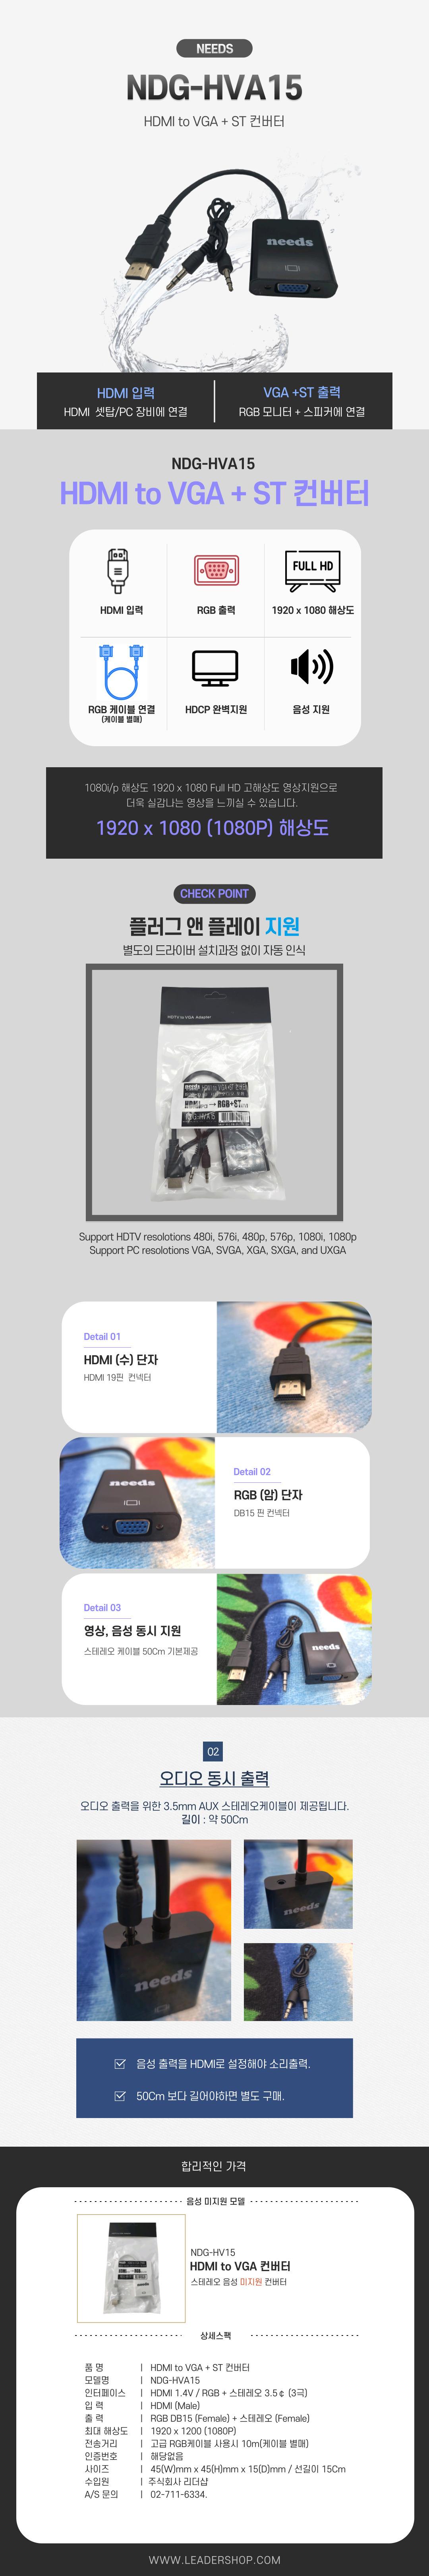 리더샵 NDG-HVA15 HDMI to VGA + 3.5mm 스테레오 AUX 컨버터